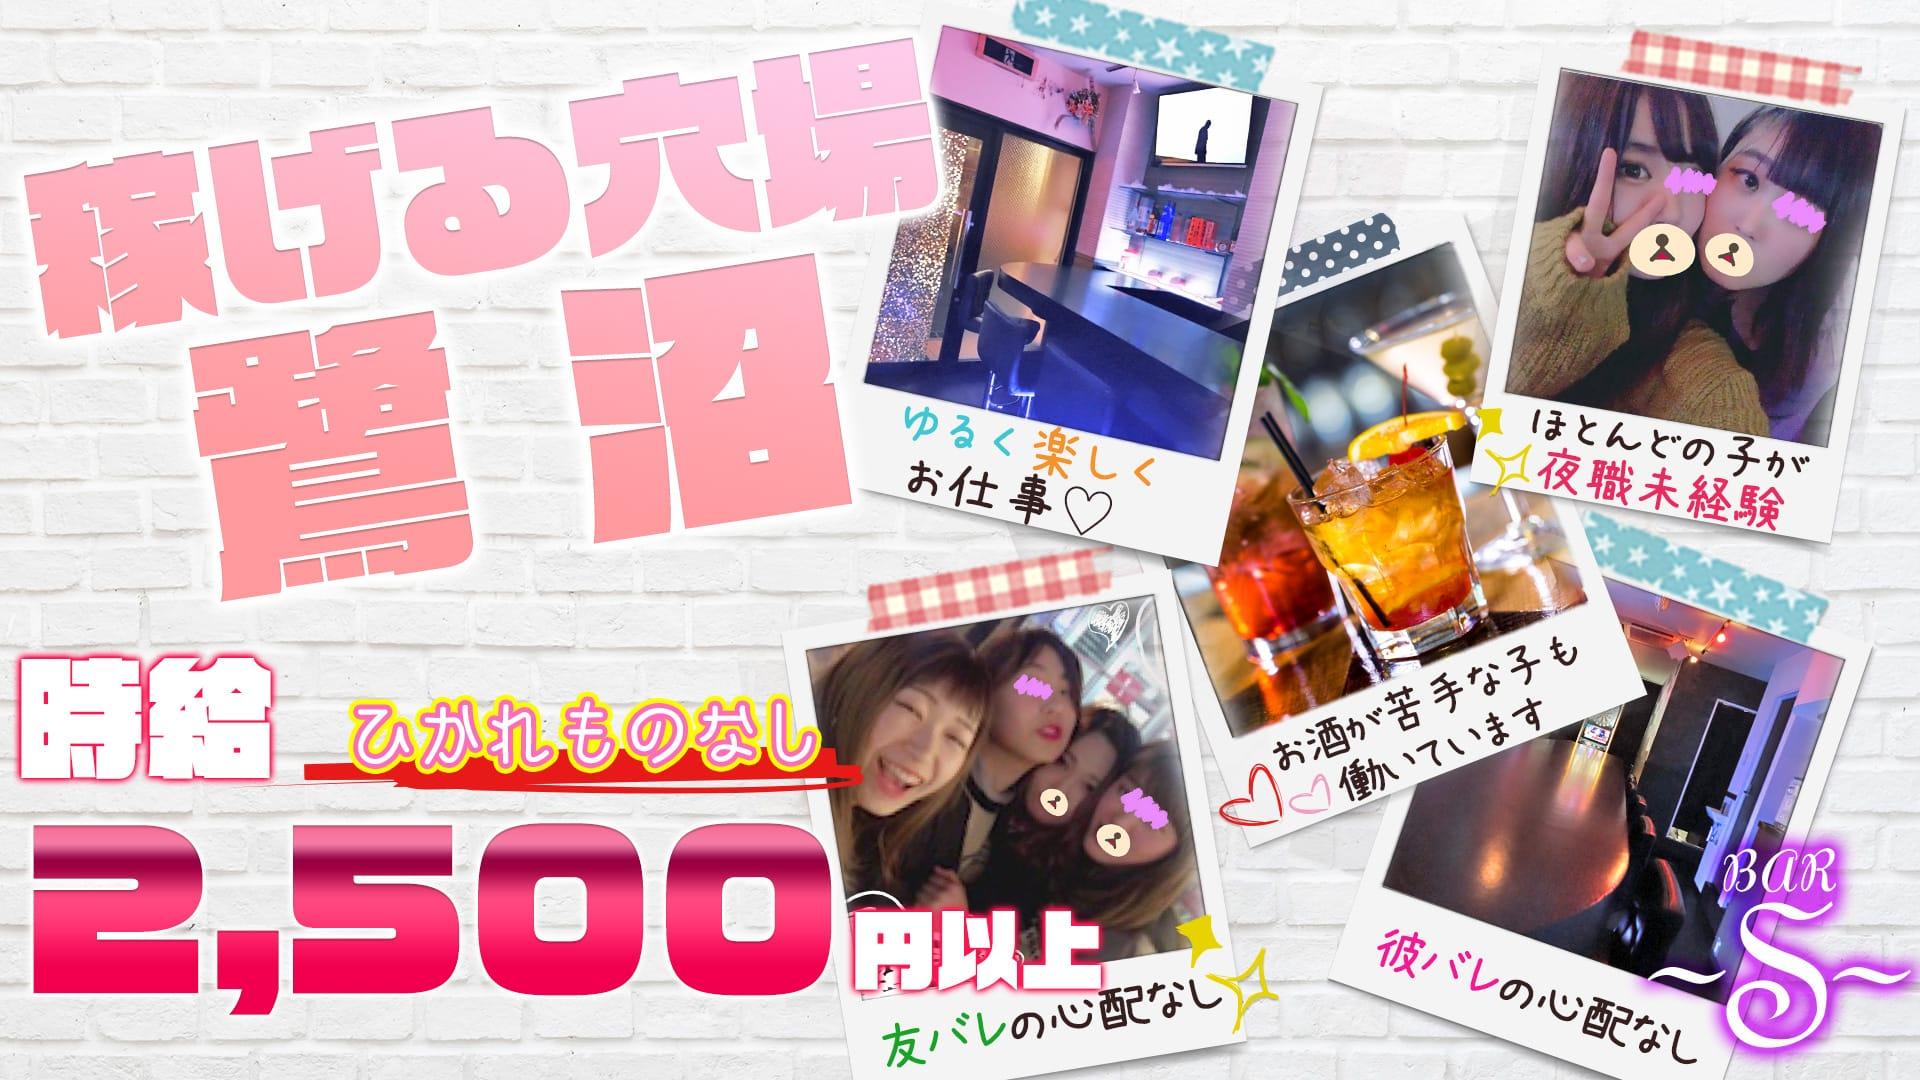 【鷺沼駅】BAR S(エス) 溝の口ガールズバー TOP画像